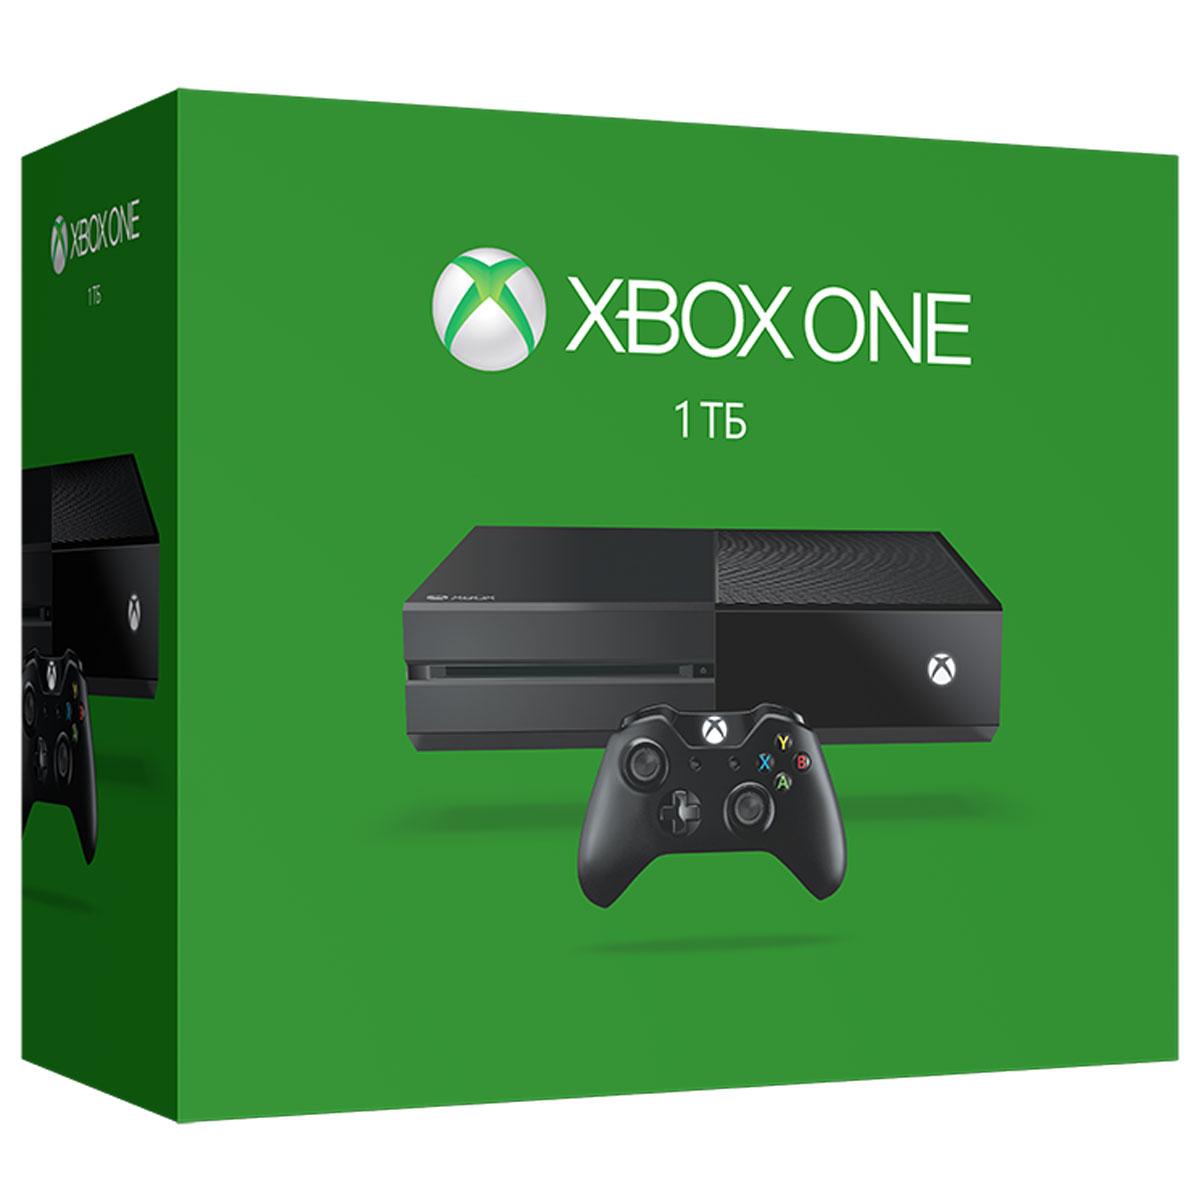 Игровая приставка Xbox One 1 ТБ5C6-00061Xbox One - игровая консоль компании Microsoft c лучшими играми и самым продвинутым мультиплеером за всю историю Xbox. Благодаря регулярным обновлениям и улучшениям Xbox One дает больше возможностей в любимых играх. С помощью стриминга можно играть в игры с Xbox One на любом домашнем ПК или планшете с Windows 10. Не забудьте приобрести подписку Xbox Live Gold (https://www.ozon.ru/context/detail/id/7102216/?item=28577322). 4 причины купить Xbox One: Лучшая линейка игр в истории Xbox. Играйте в такие эксклюзивы, как Halo 5: Guardians, Forza Motorsport 6, Gears of War: Ultimate Edition и Quantum Break. Приобретите такие блокбастеры, как Fallout 4, FIFA 16 и Tom Clancys Rainbow Six Siege. Xbox One - это единственная консоль, где вы можете играть в новинки от EA до их официального запуска в течение ограниченного времени с подпиской EA Access Играйте в игры Xbox 360 на Xbox One. На Xbox One работает функция обратной совместимости, которая ...